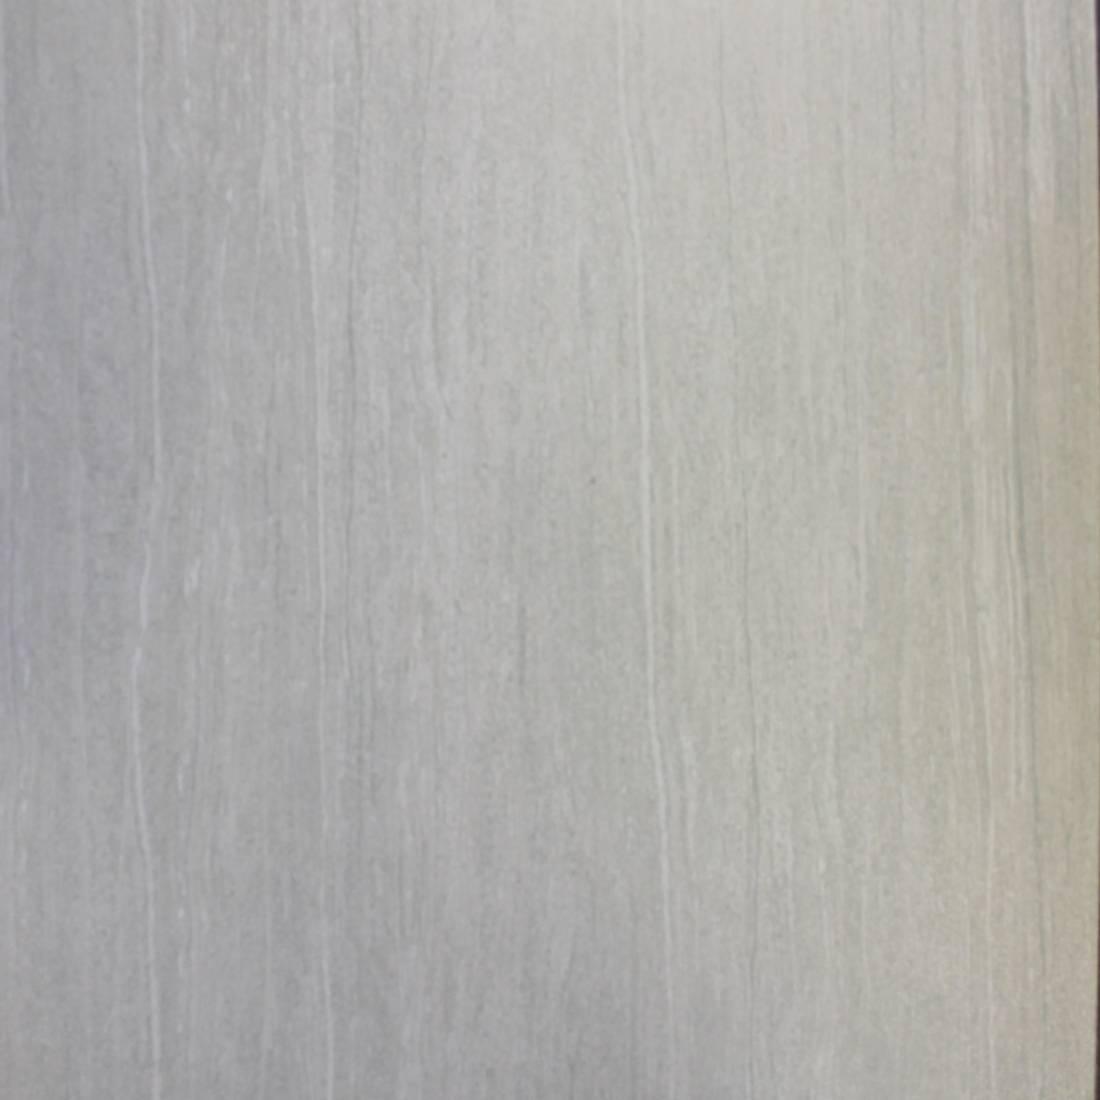 Striato 60x60 Light Grey Matt R9 1